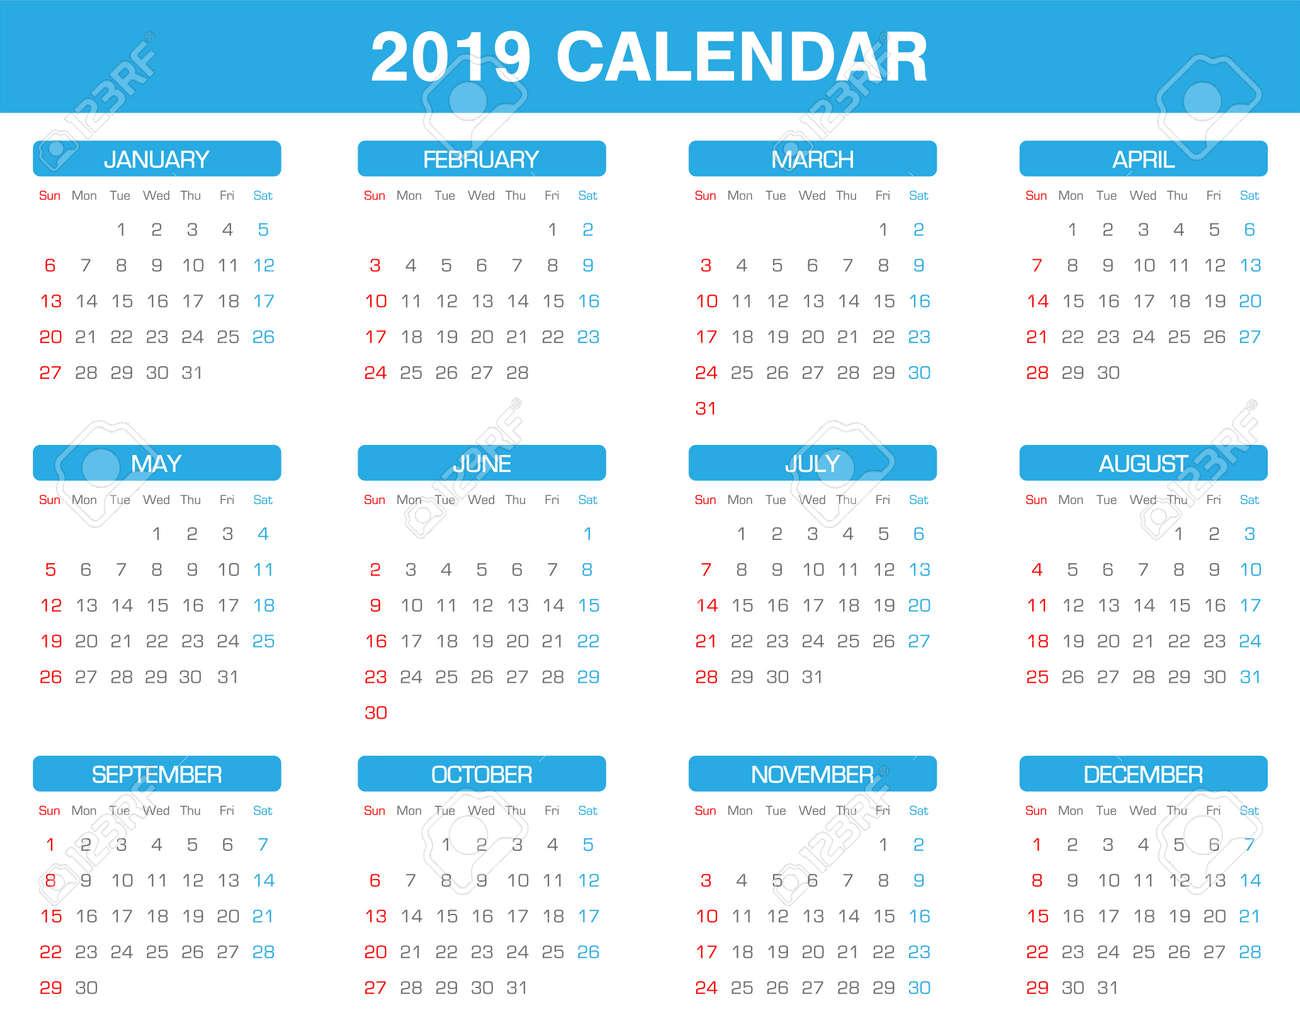 Calendario De Año Simple 2019 Conjunto De Todos Los Meses Ilustraciones Vectoriales Clip Art Vectorizado Libre De Derechos Image 92045256